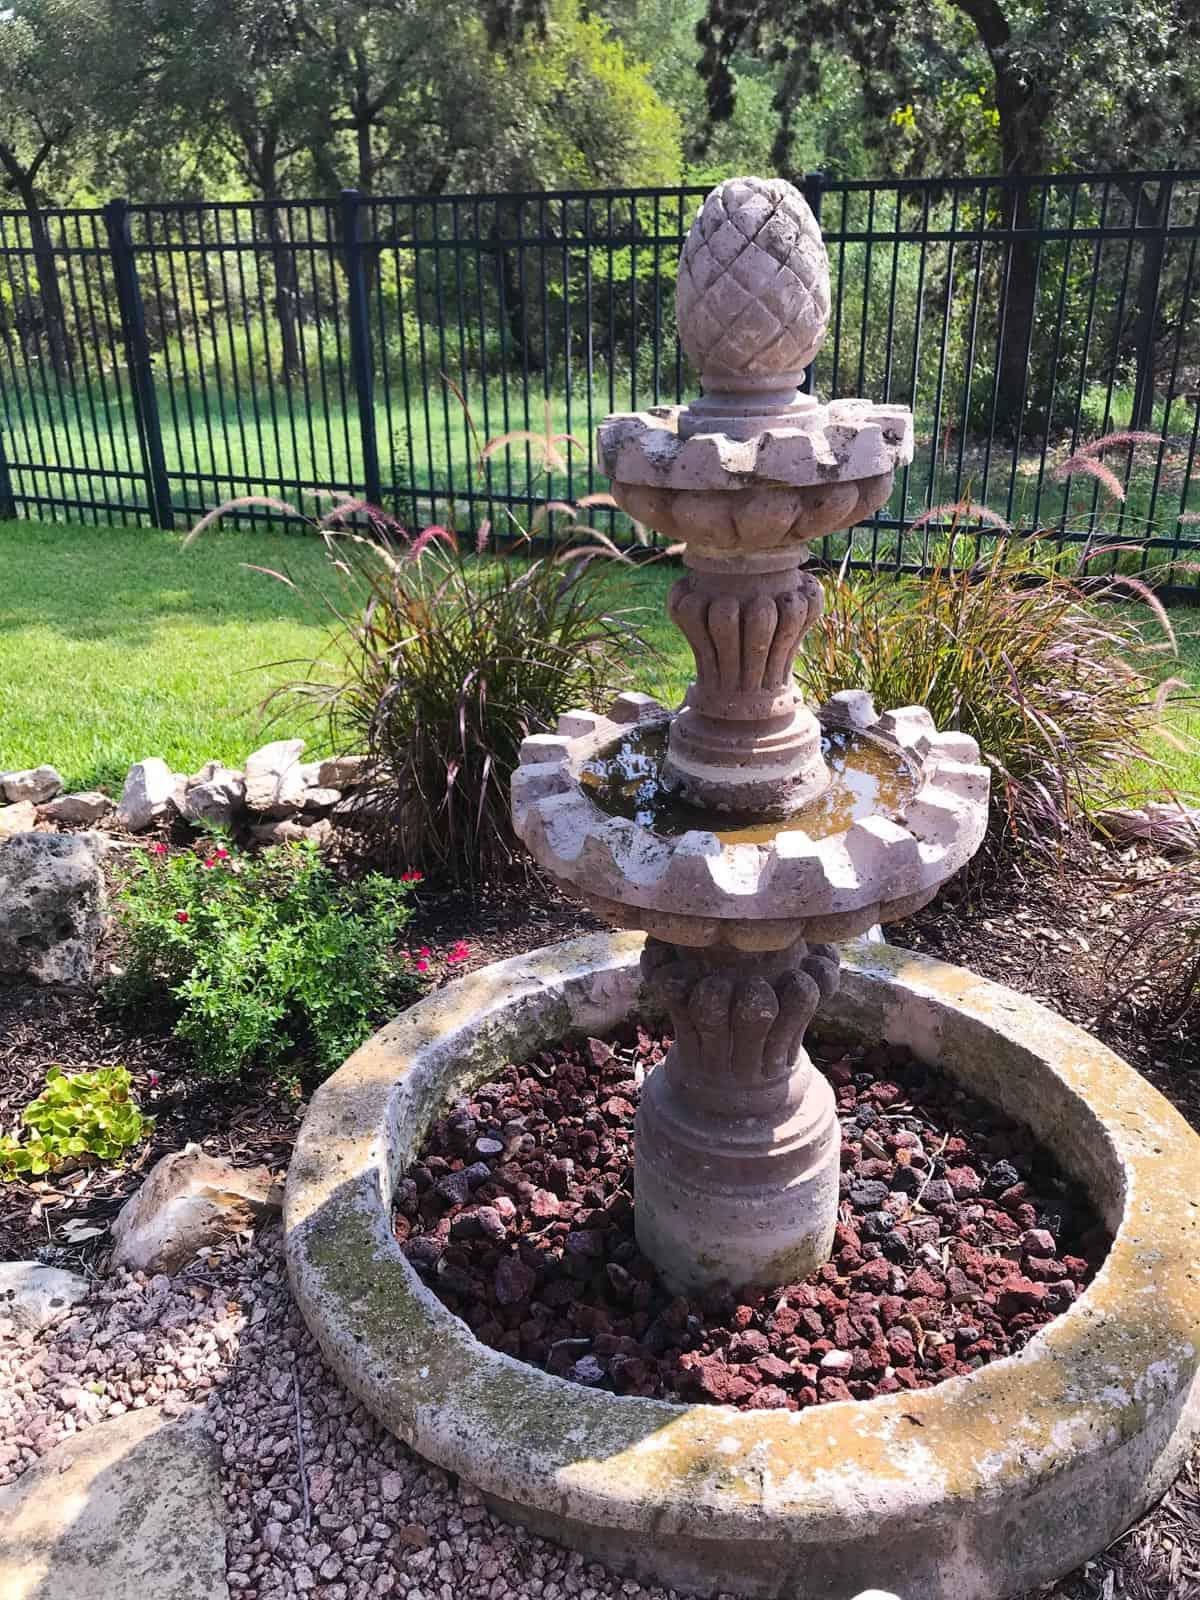 Stone fountain used as a bird bath